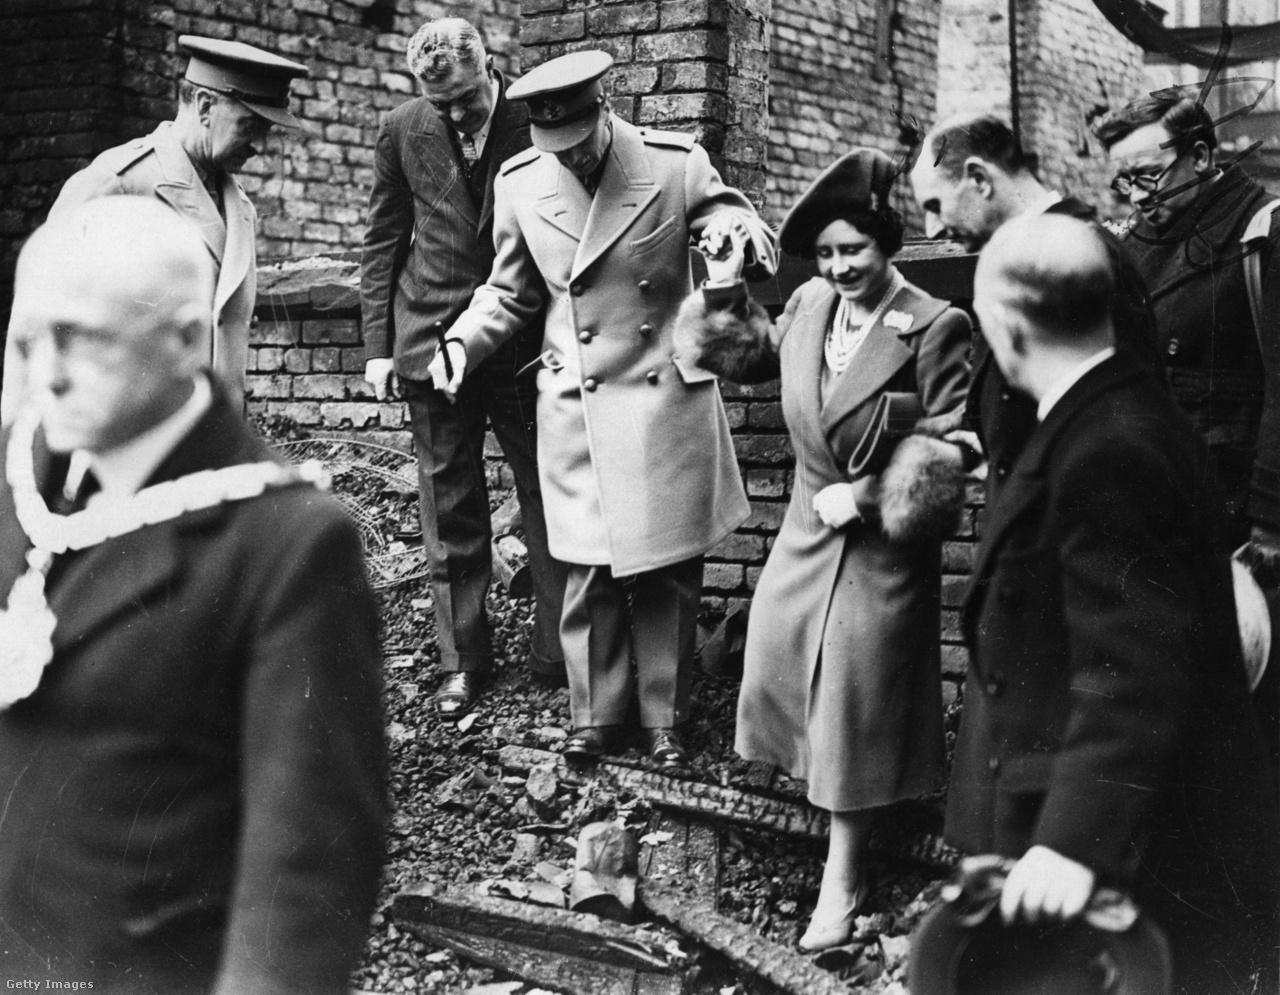 """György király és Erzsébet királyné 1941. február 14-én Salfordban megtekintik a német bombázás okozta pusztítást. A királyi pár az ellenállás szimbóluma lett, miután Hitler 1940 őszén légiháborút indított Nagy-Britannia ellen, és a Luftwaffe terrorbombázásokkal sújtotta a brit városokat. A kormány azt tanácsolta, hogy hagyják el Londont, vagy legalább a gyerekeket küldjék el a biztonságos Kanadába, de Erzsébet ezt határozottan visszautasította. """"A gyerekek nem mennek sehova nélkülem. Én nem hagyom itt a királyt. És a király soha nem távozik"""" - jelentette ki."""